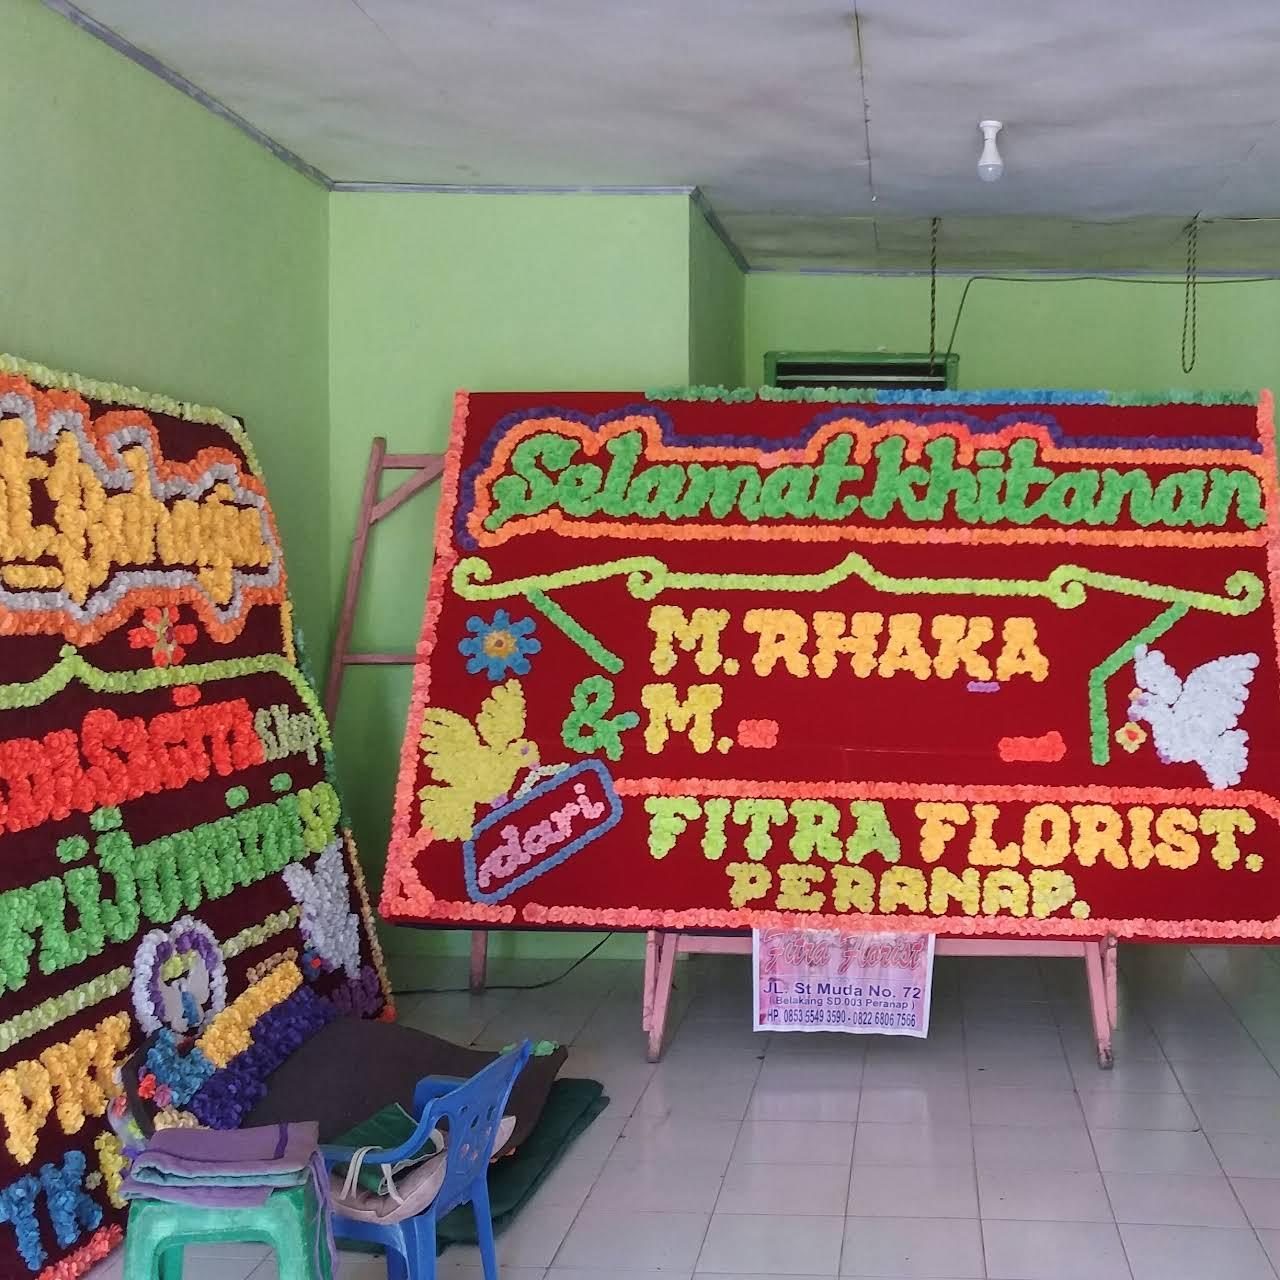 Fitra Florist Toko